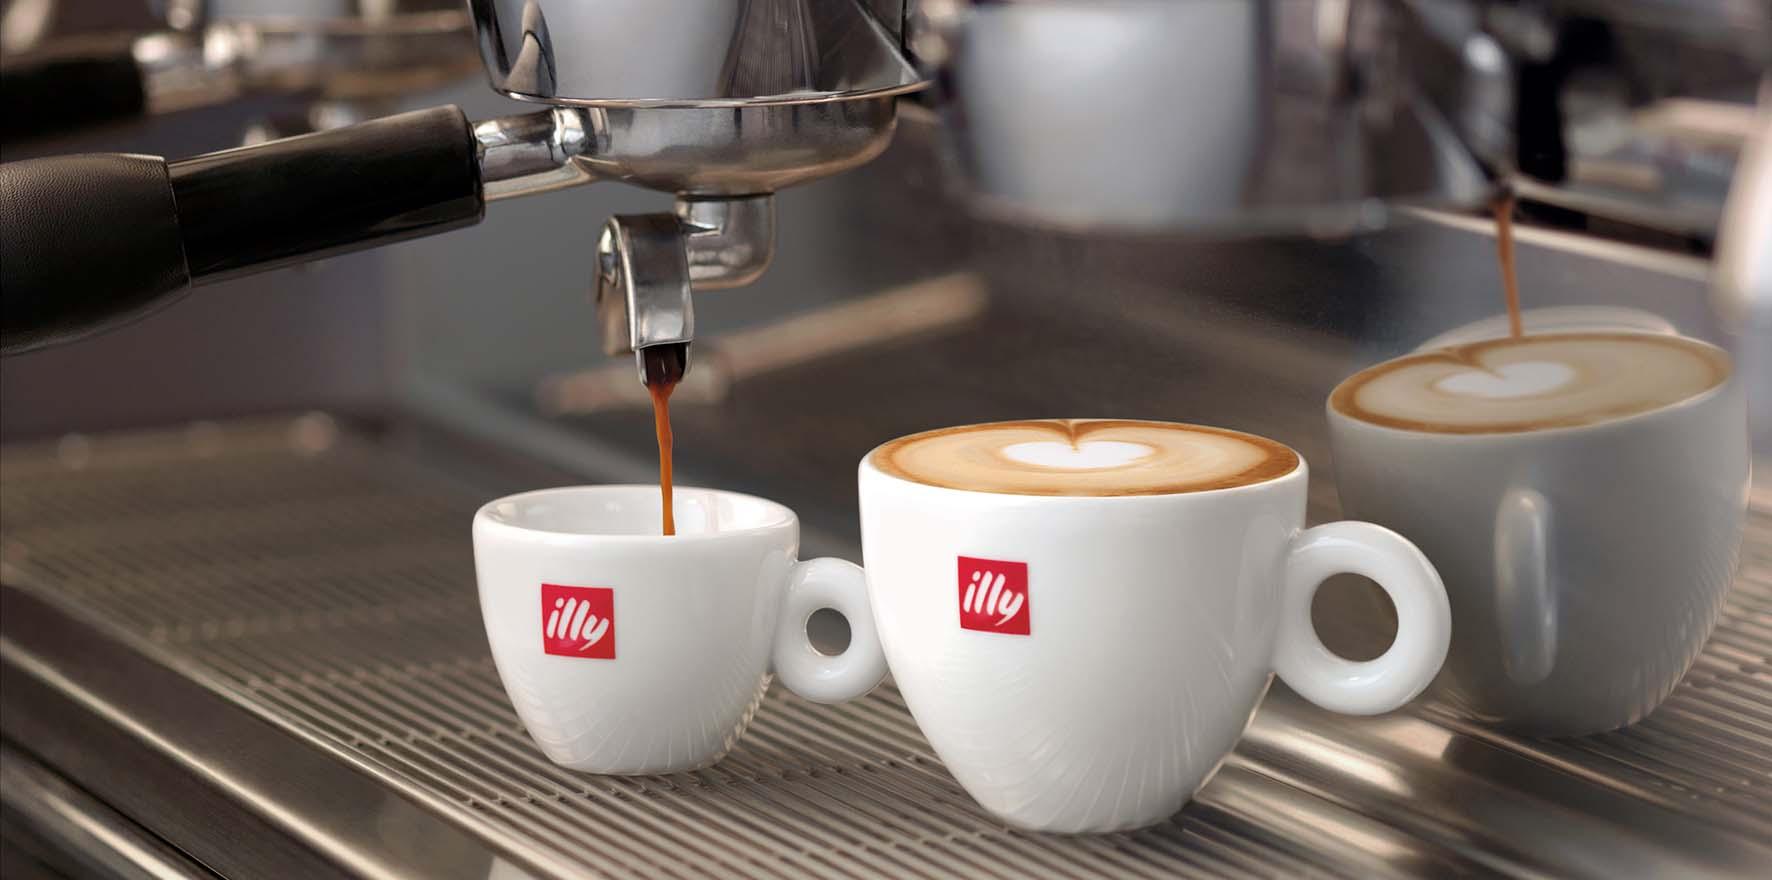 illy caffè macchina espresso bar tazze